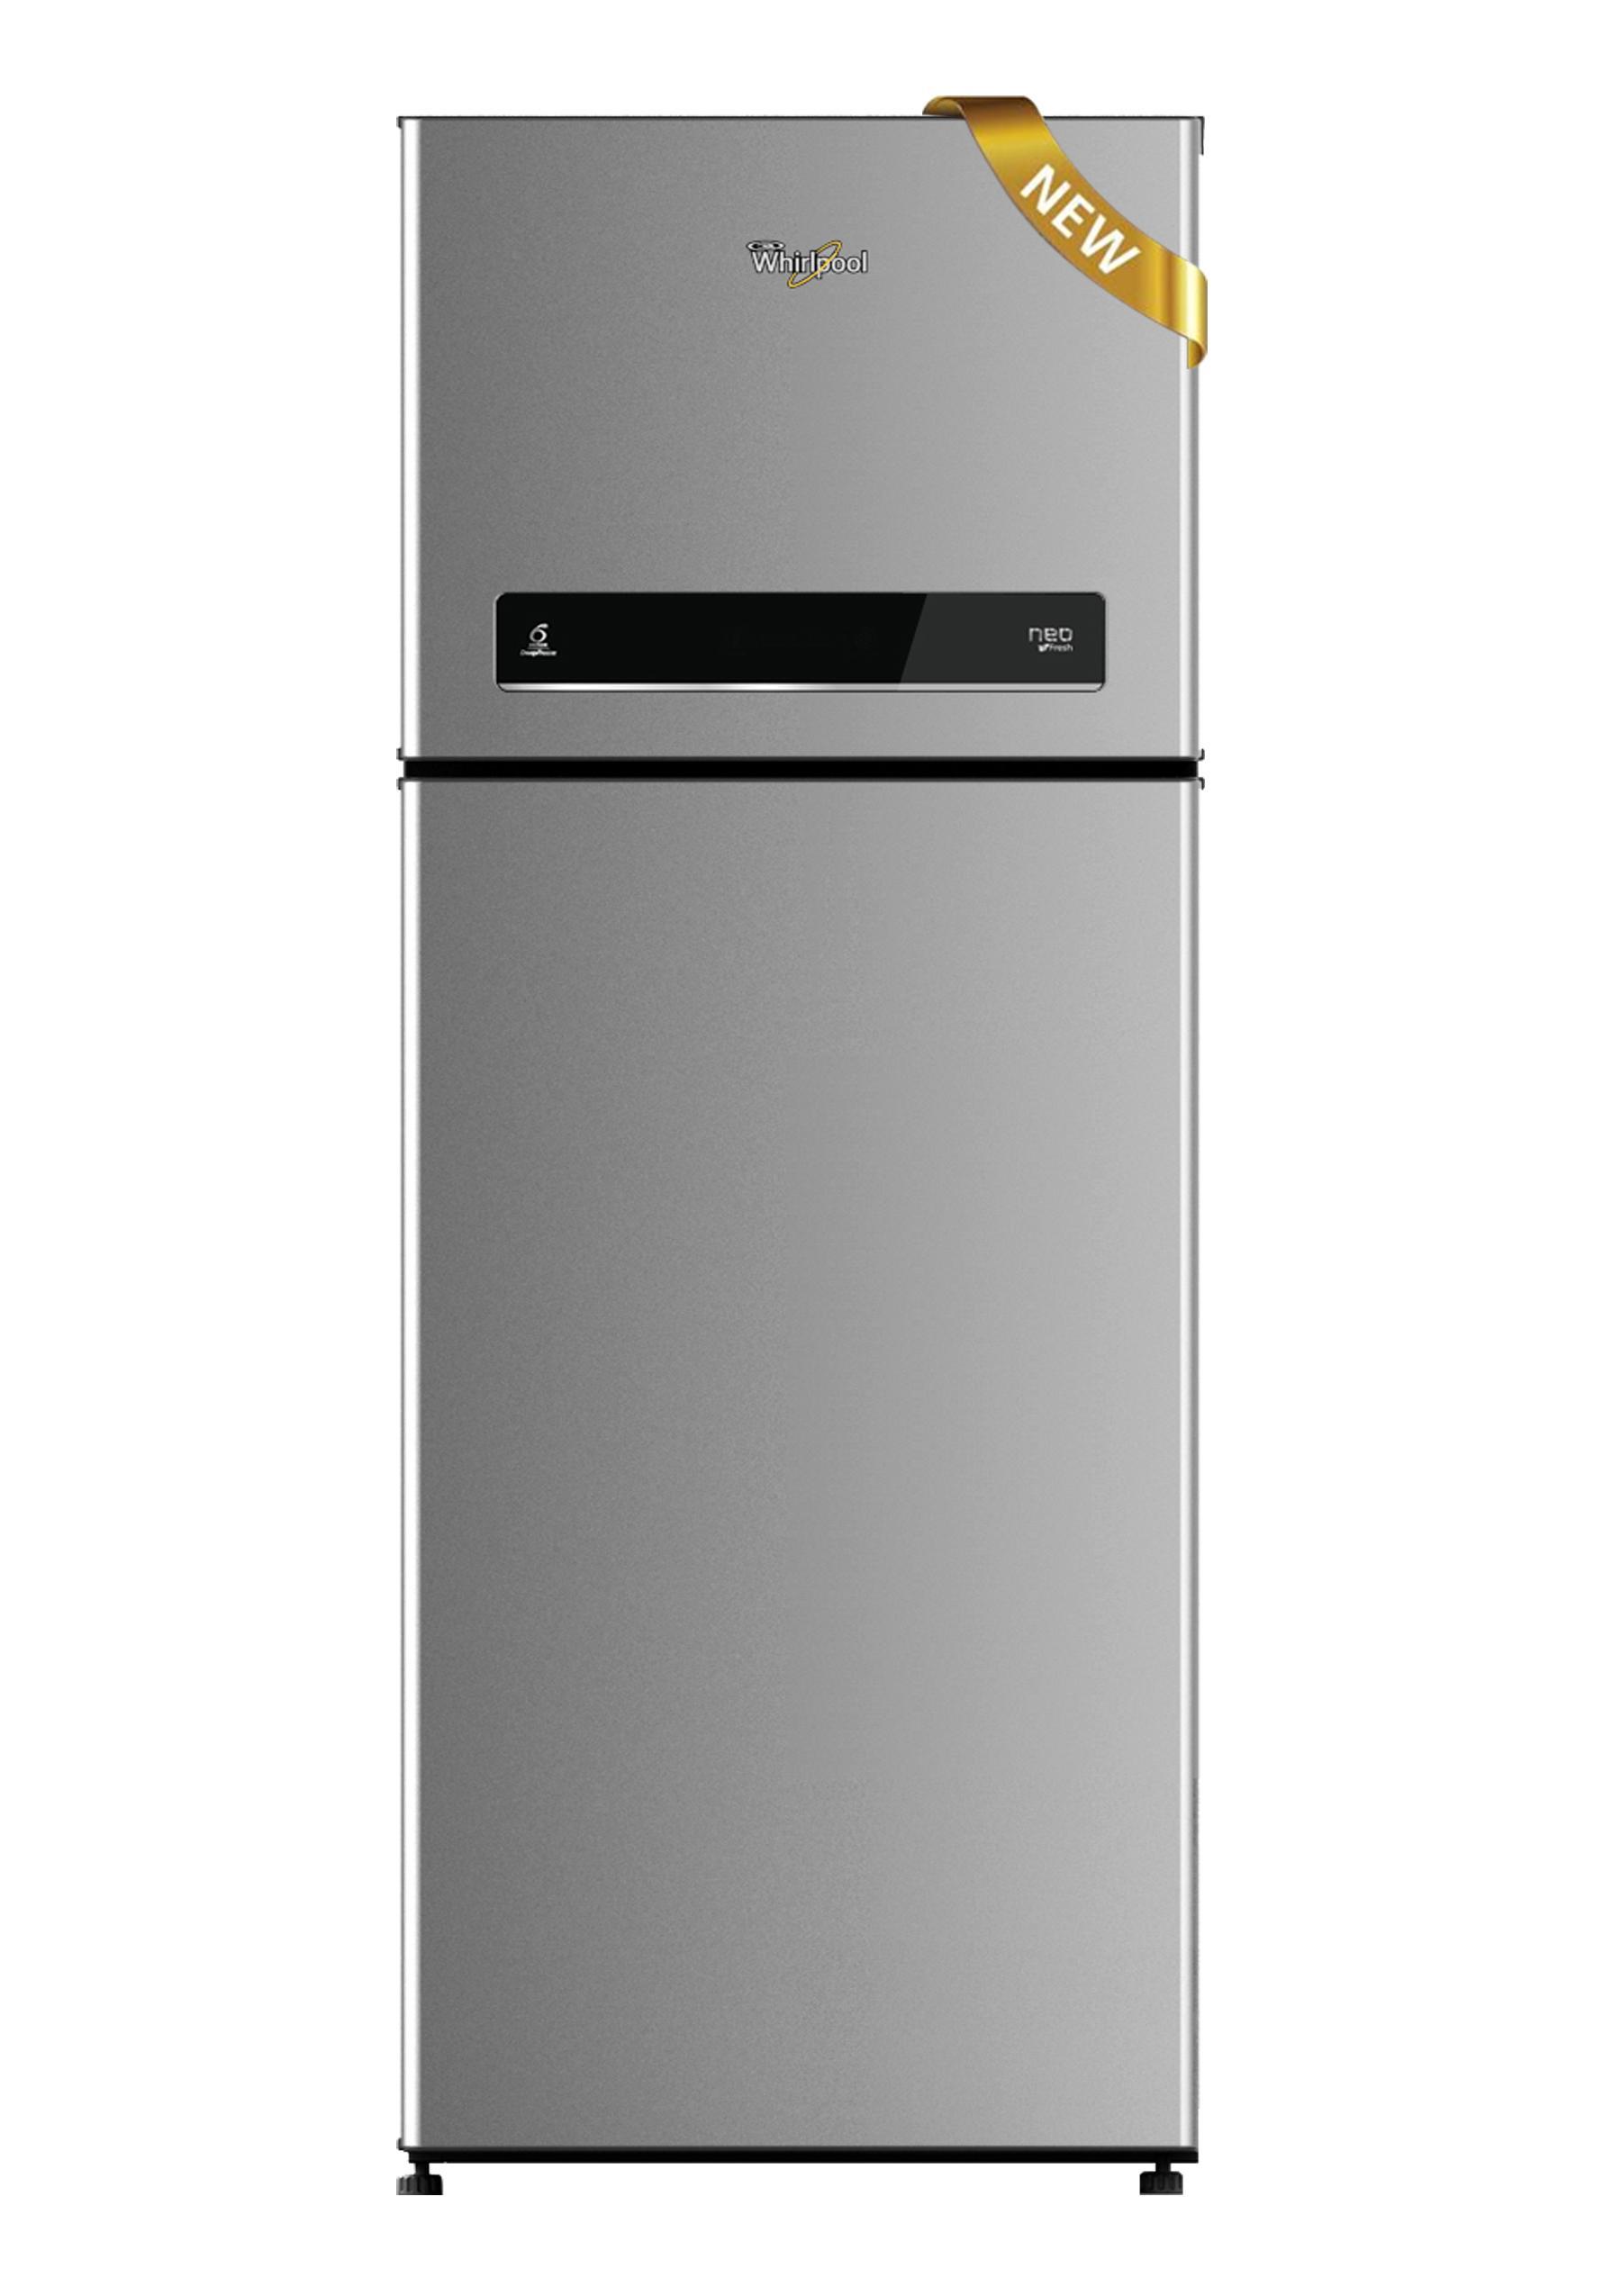 Whirlpool 245 L Frost Free Double Door Refrigerator Neo